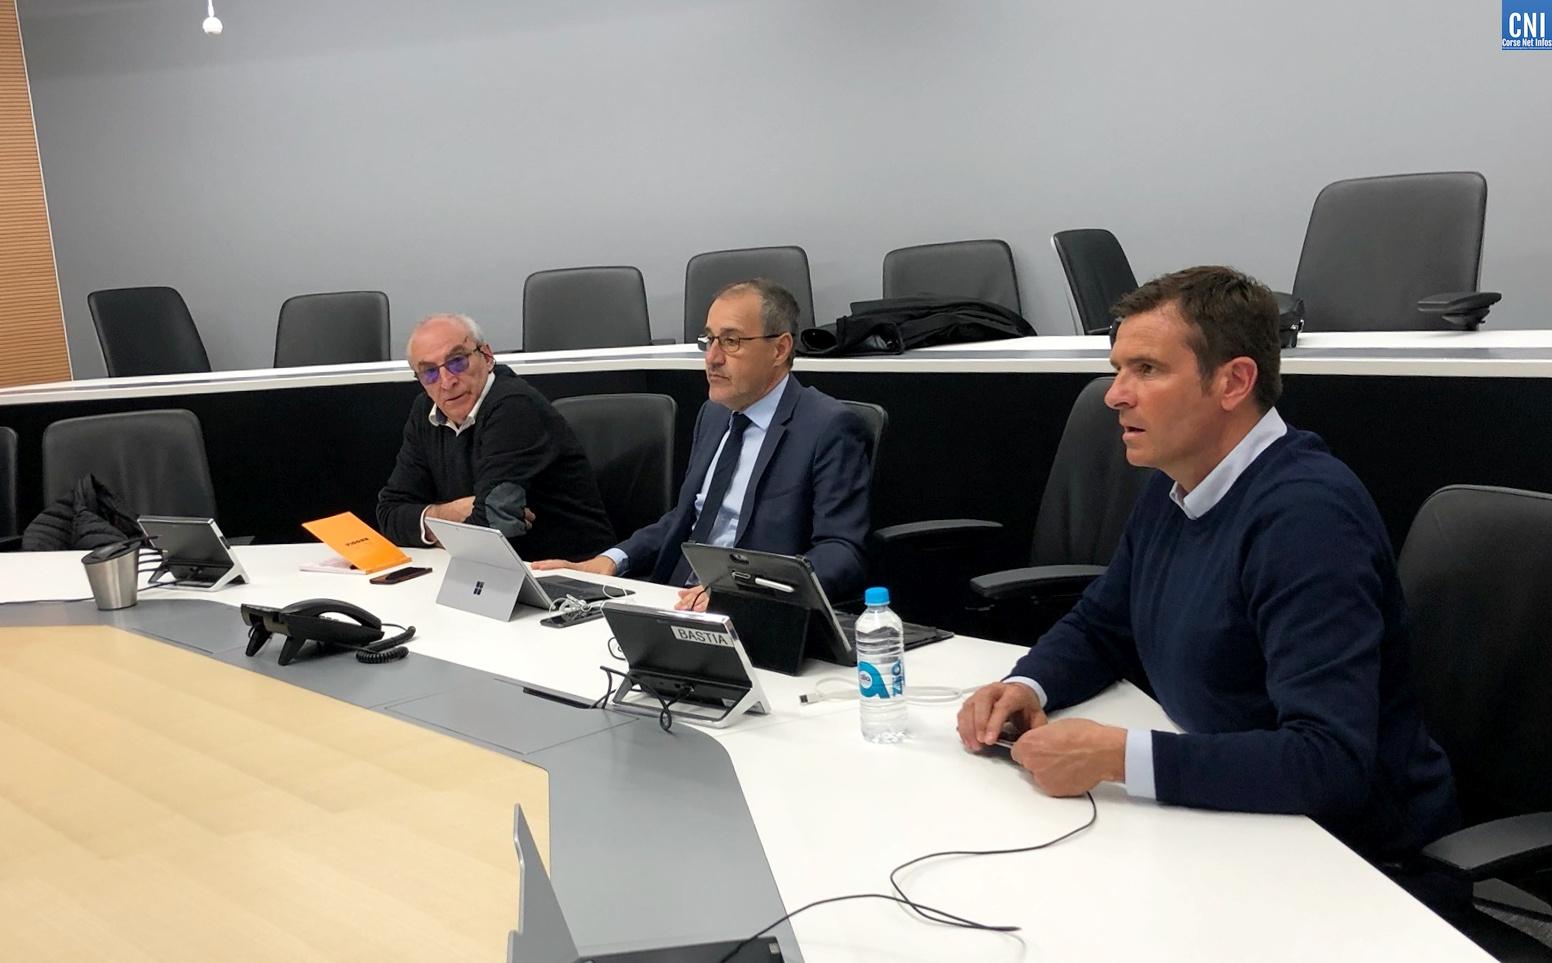 Coronavirus : la conférence des présidents de l'Assemblée de Corse en appelle au civisme